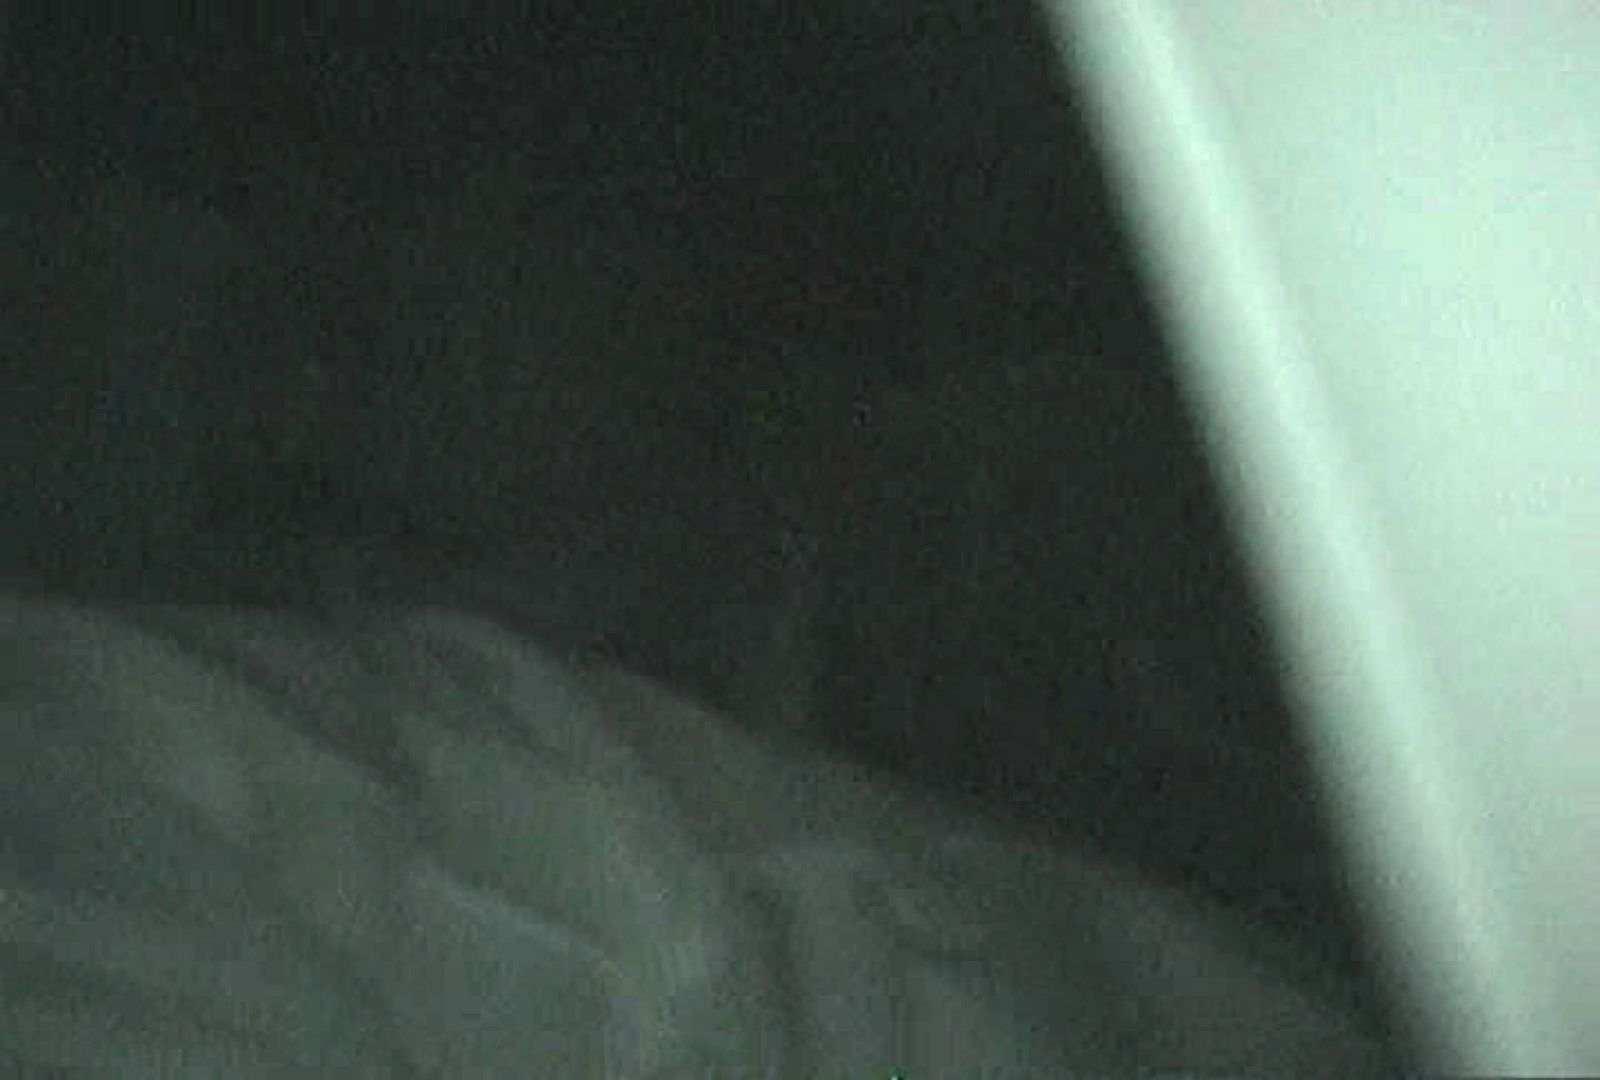 充血監督の深夜の運動会Vol.77 OLセックス   全裸版  75画像 49